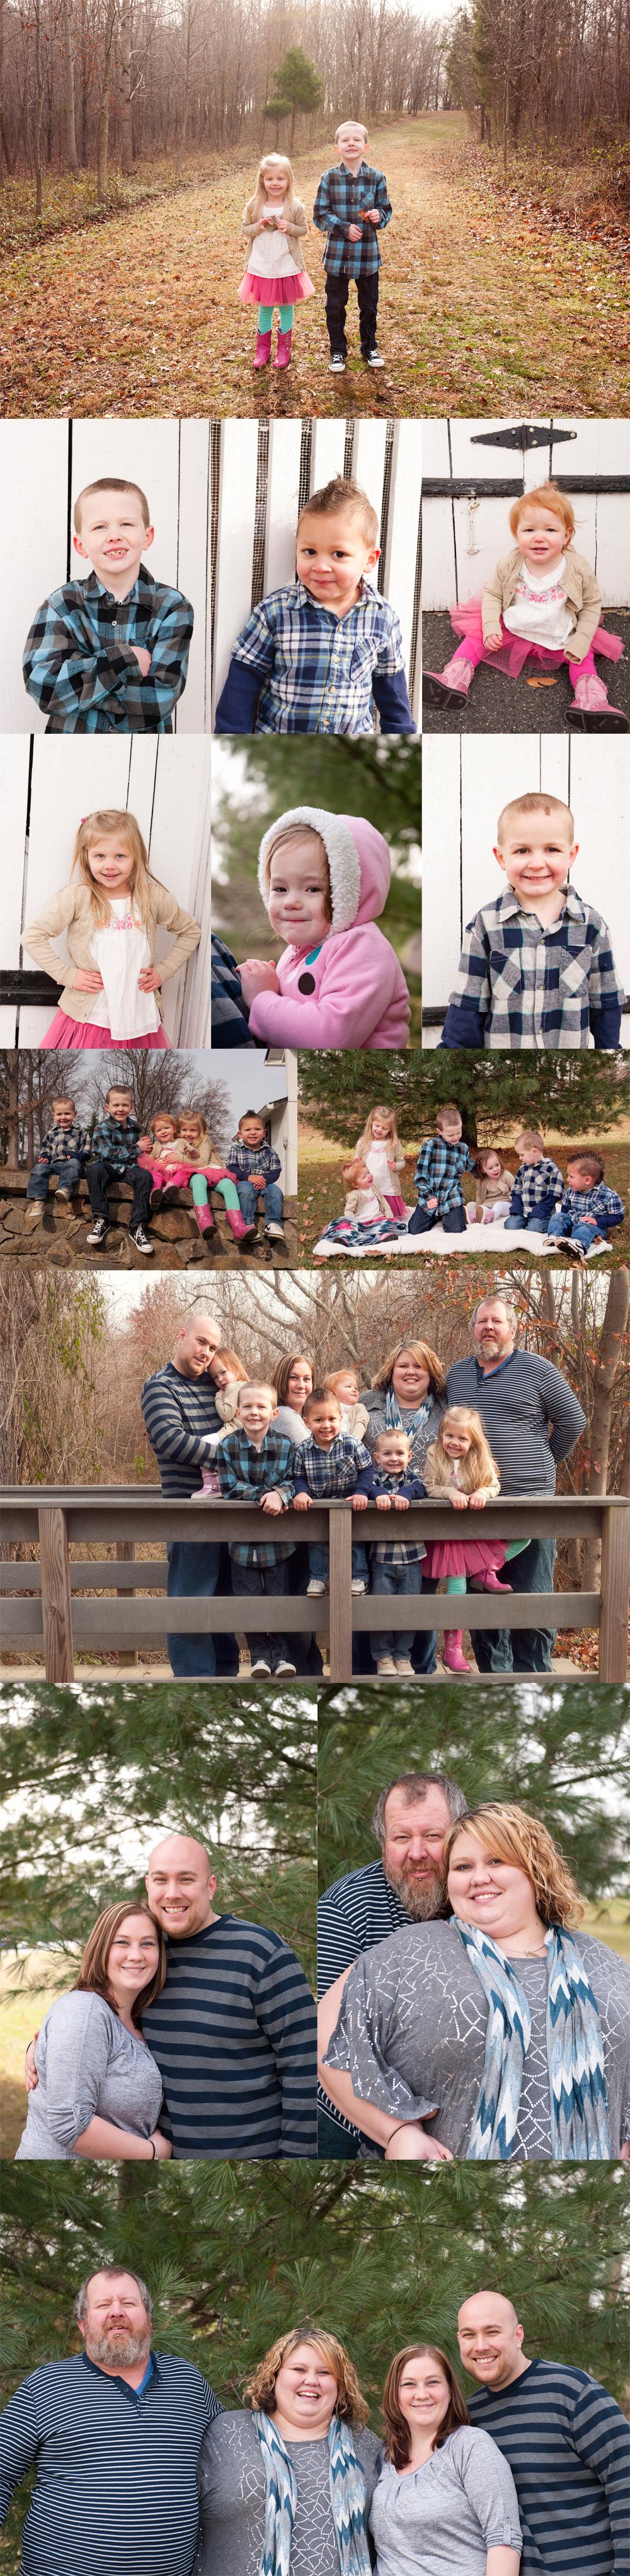 08white-harford-family